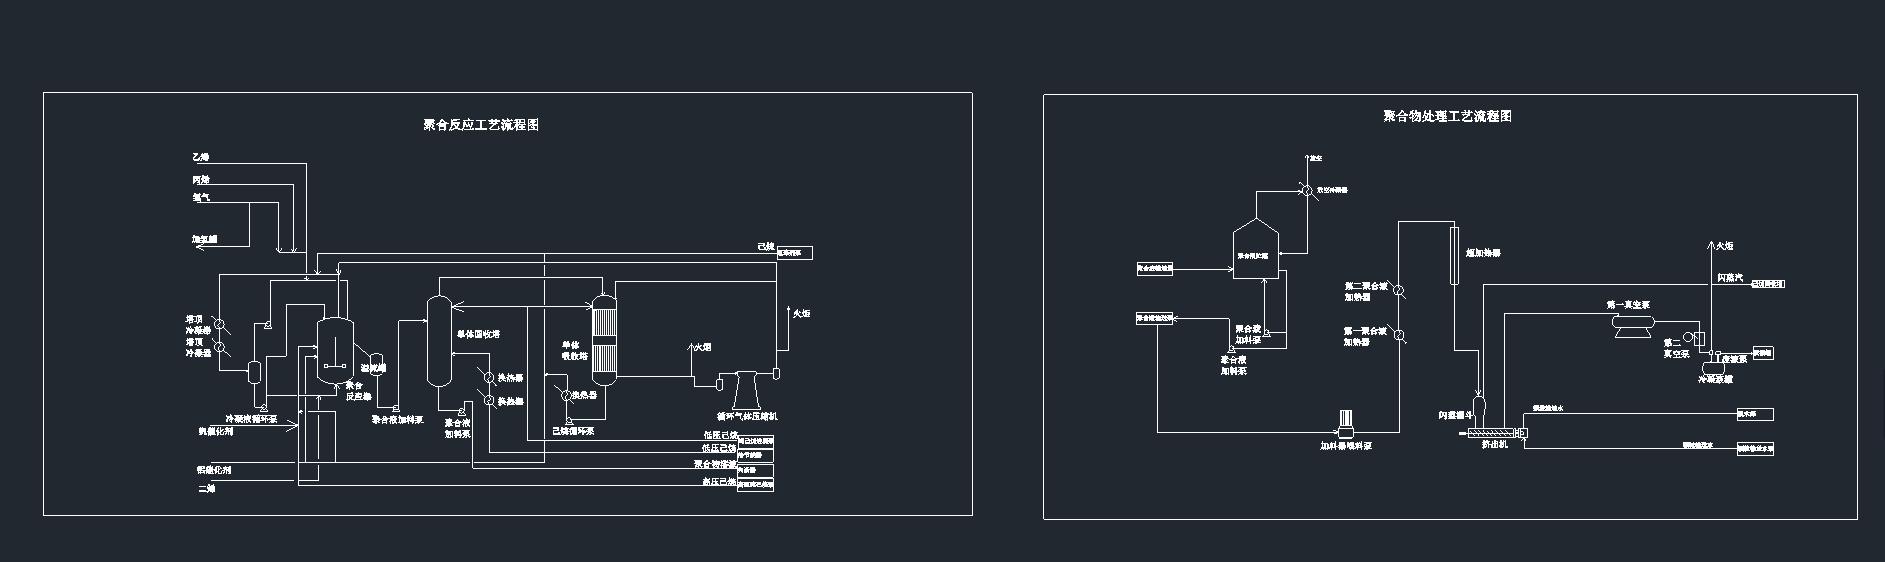 乙丙橡胶生产工艺流程图